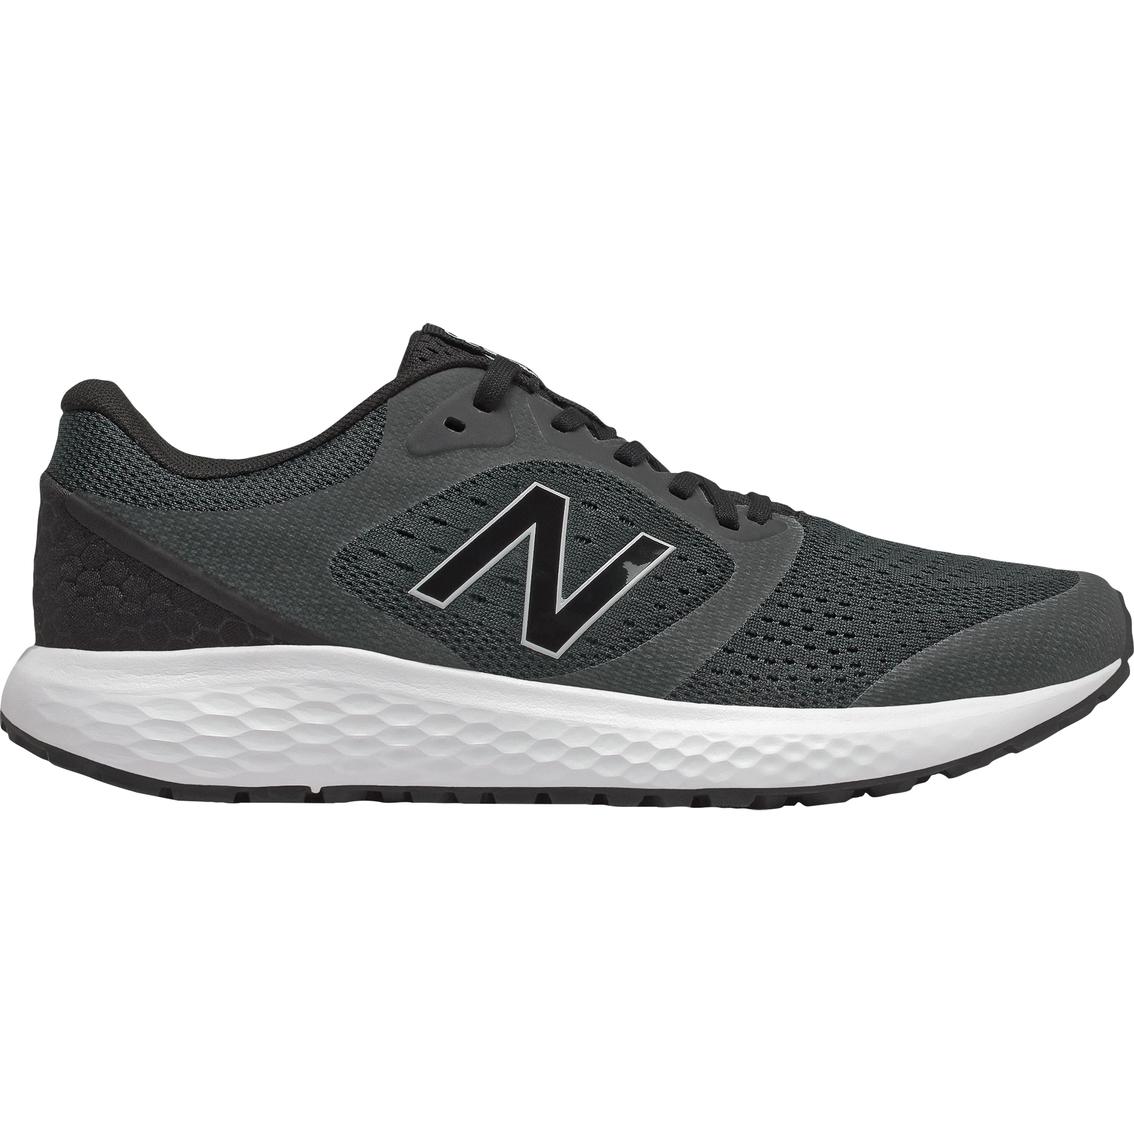 New Balance Men's M520lk6 Running Shoes   Running   Shoes   Shop ...